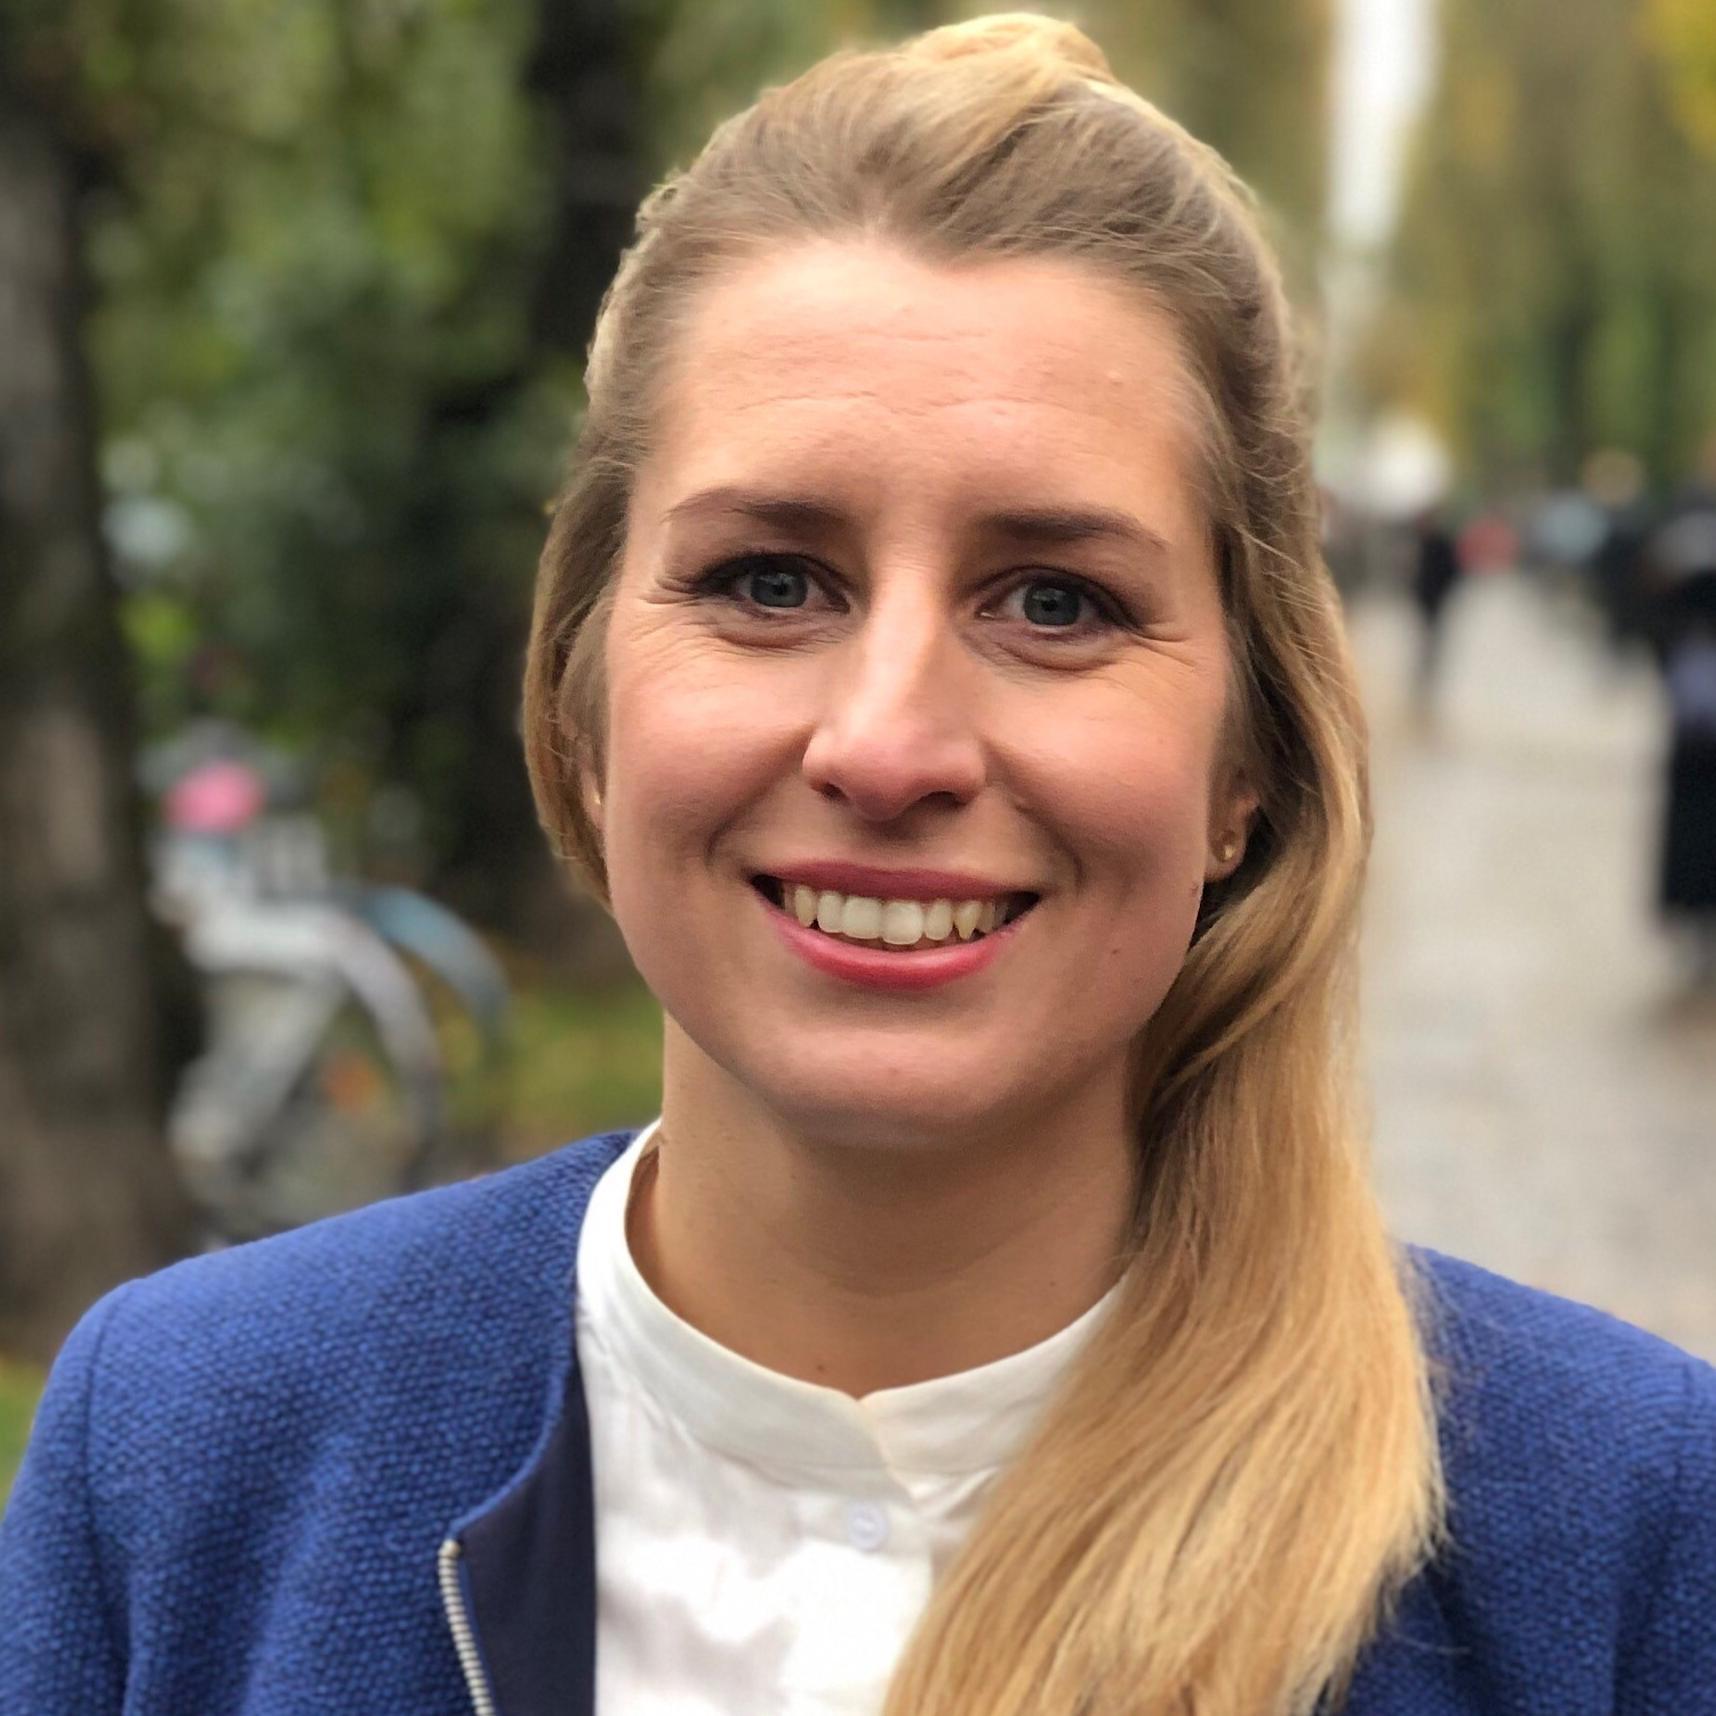 Anna Kemmer